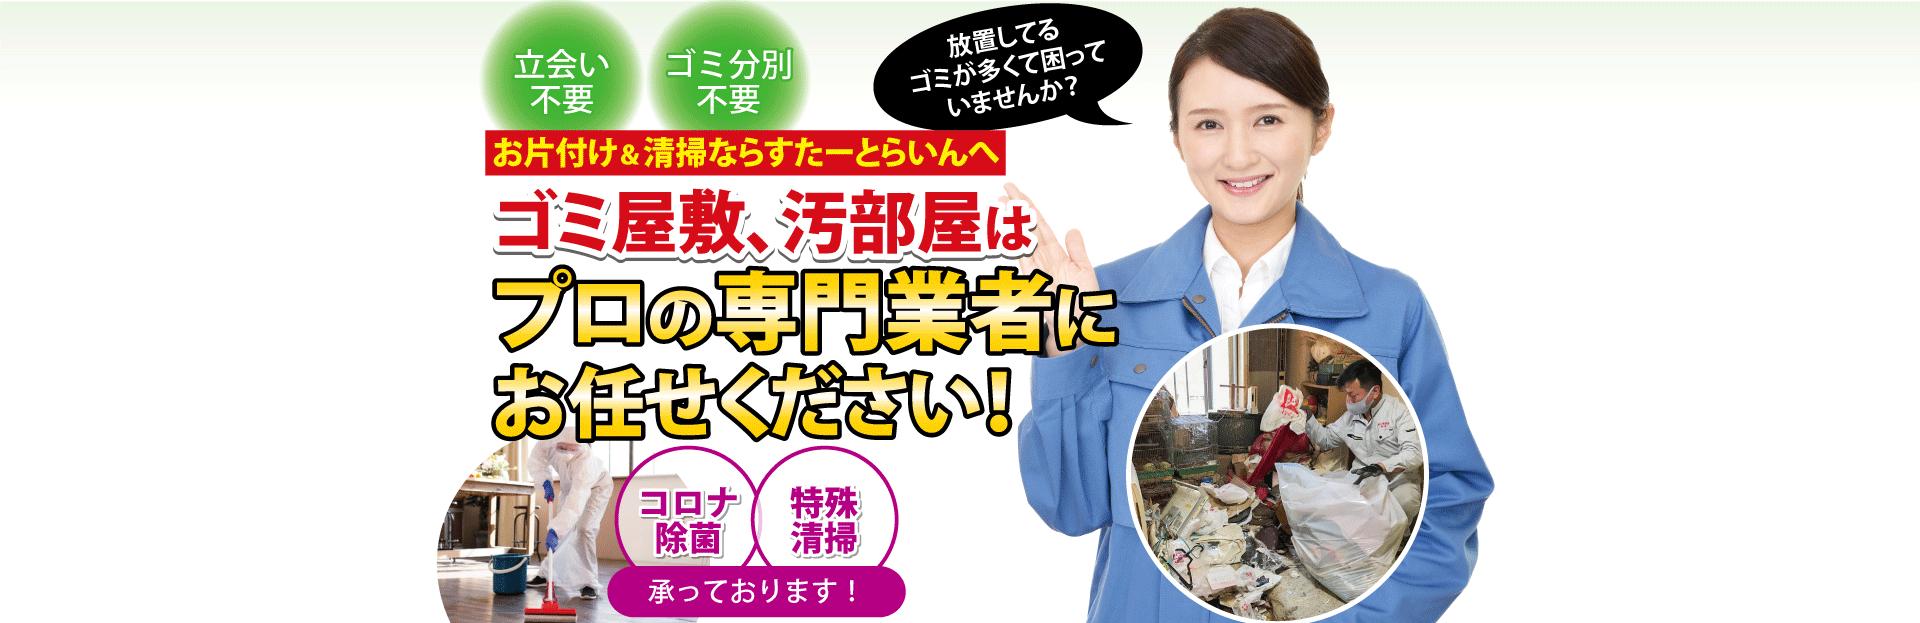 立会い不要、ゴミ分別不要。放置してるゴミが多くて困っていませんか?お片付け&清掃ならすたーとらいんへ、ゴミ屋敷、汚部屋はプロの集団にお任せください!コロナ除菌、特殊清掃承っております!